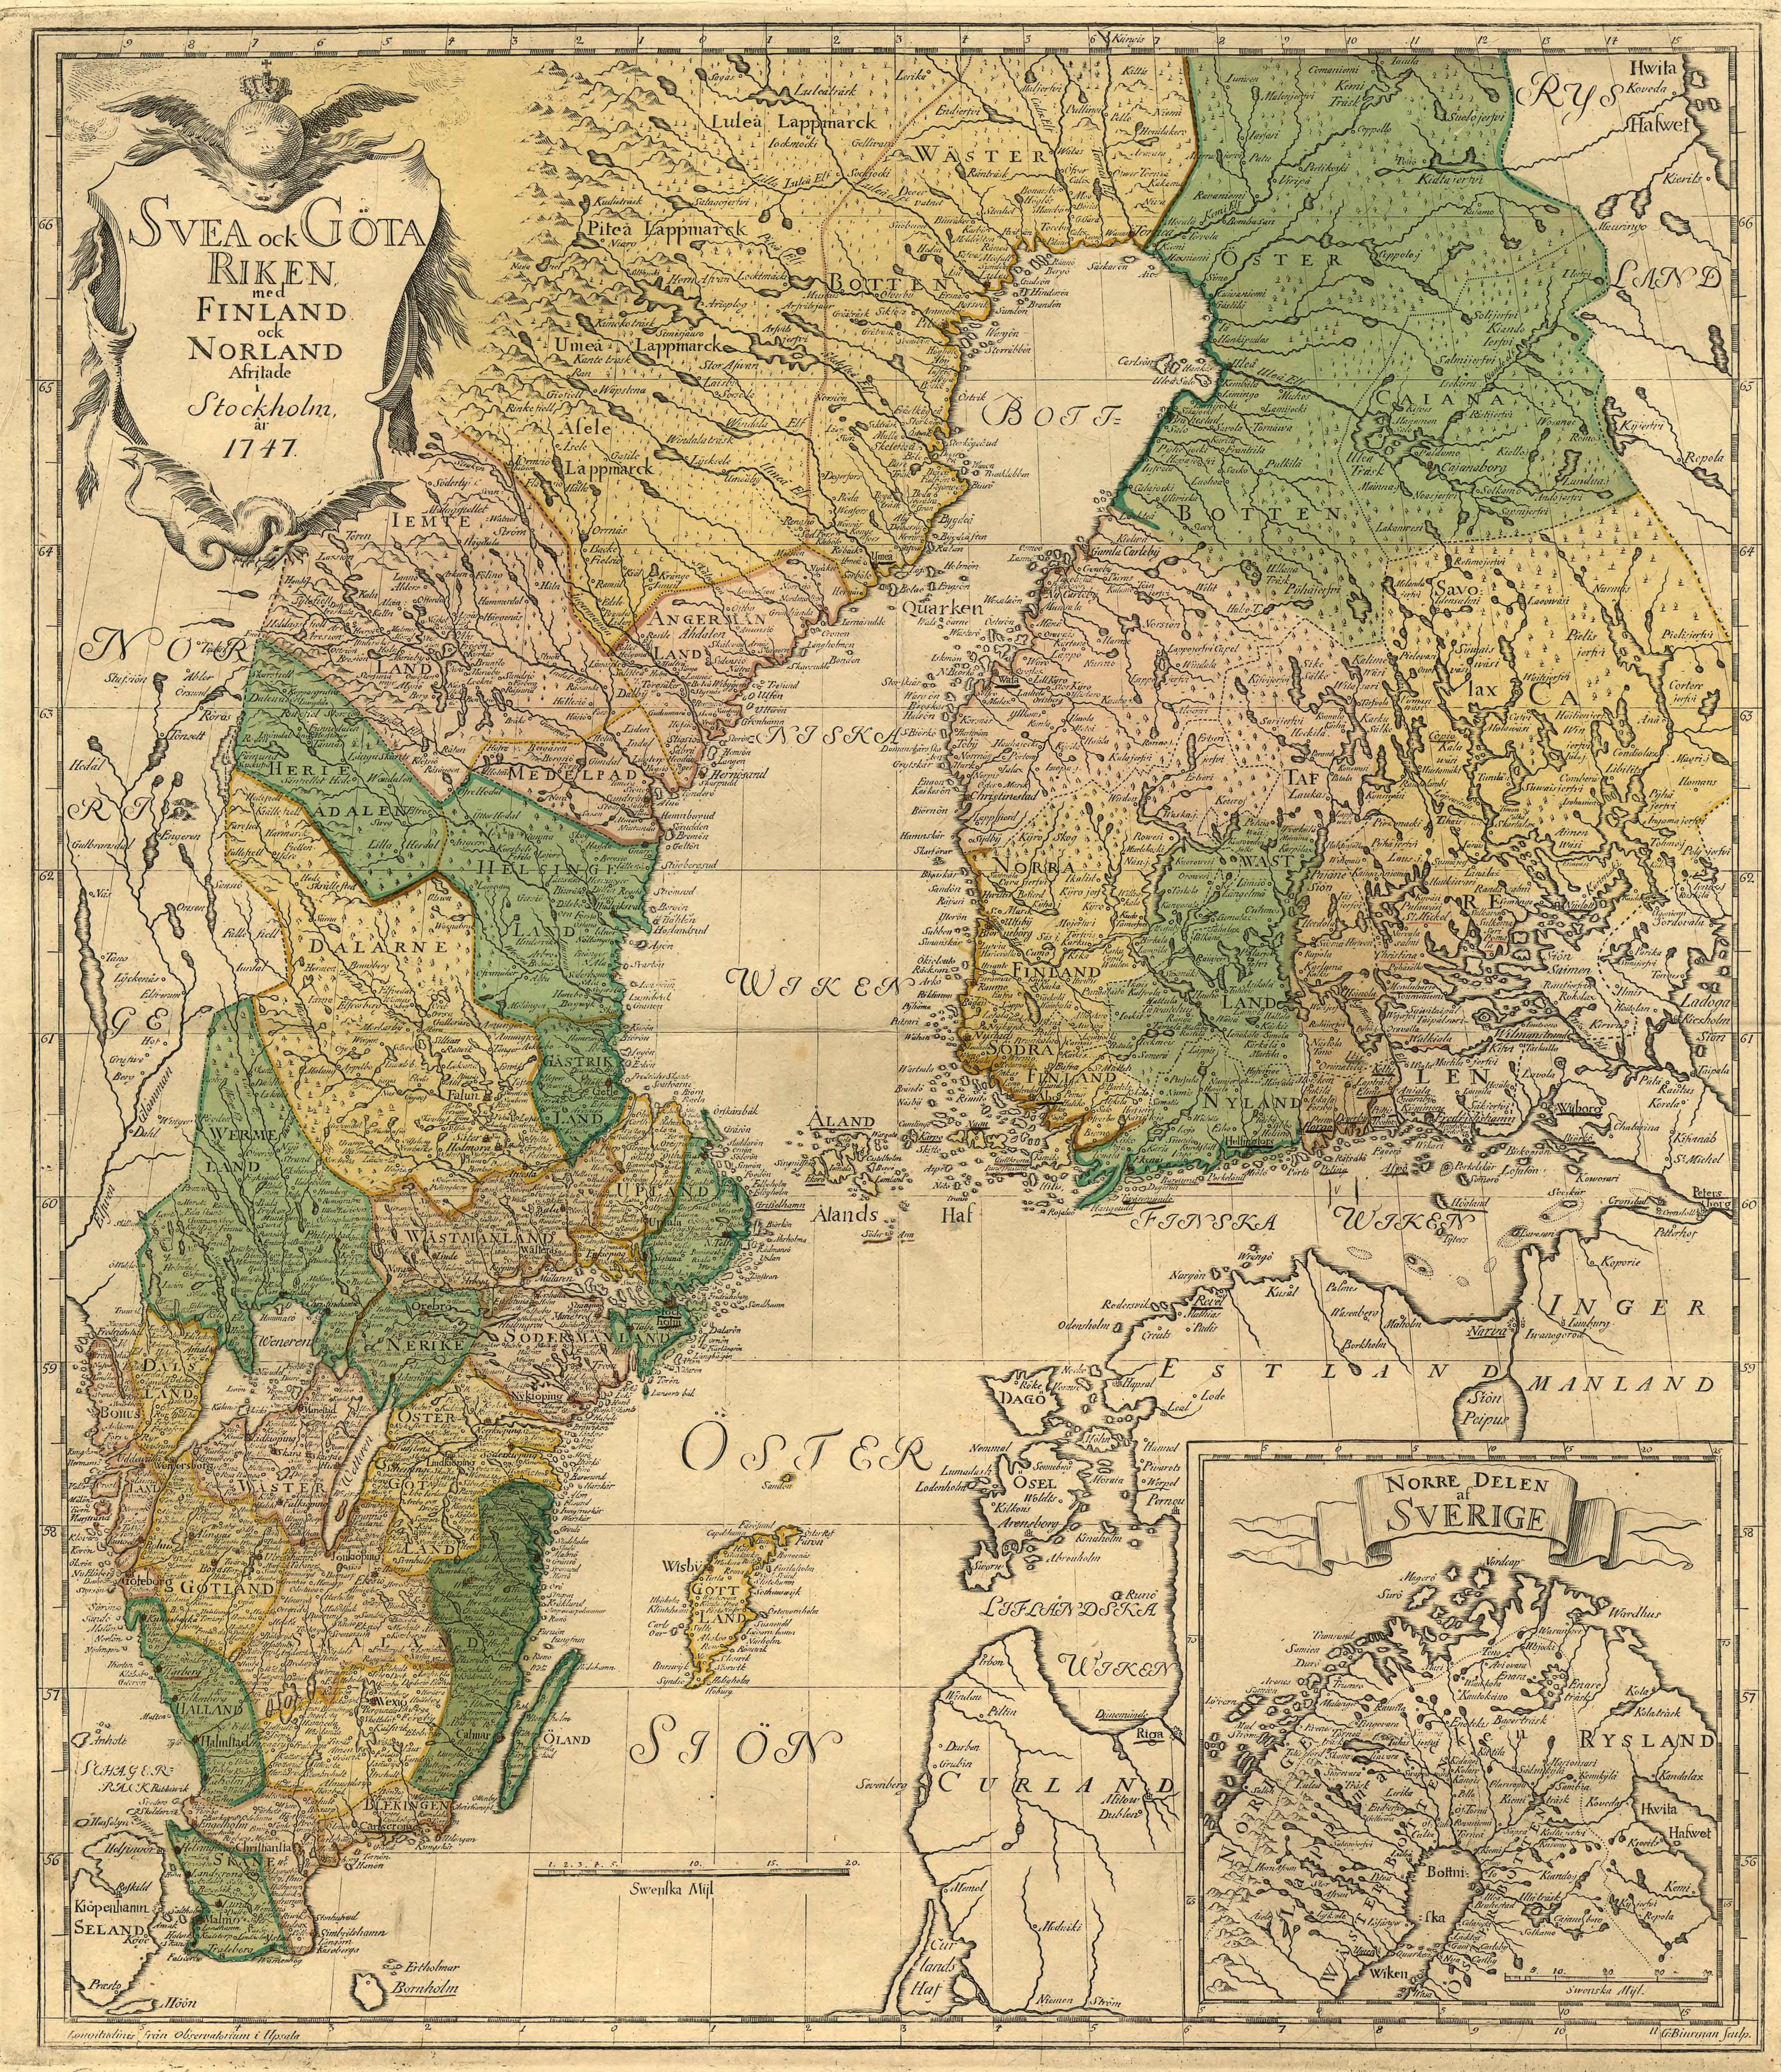 Ruotsi Suomi Wikipedia